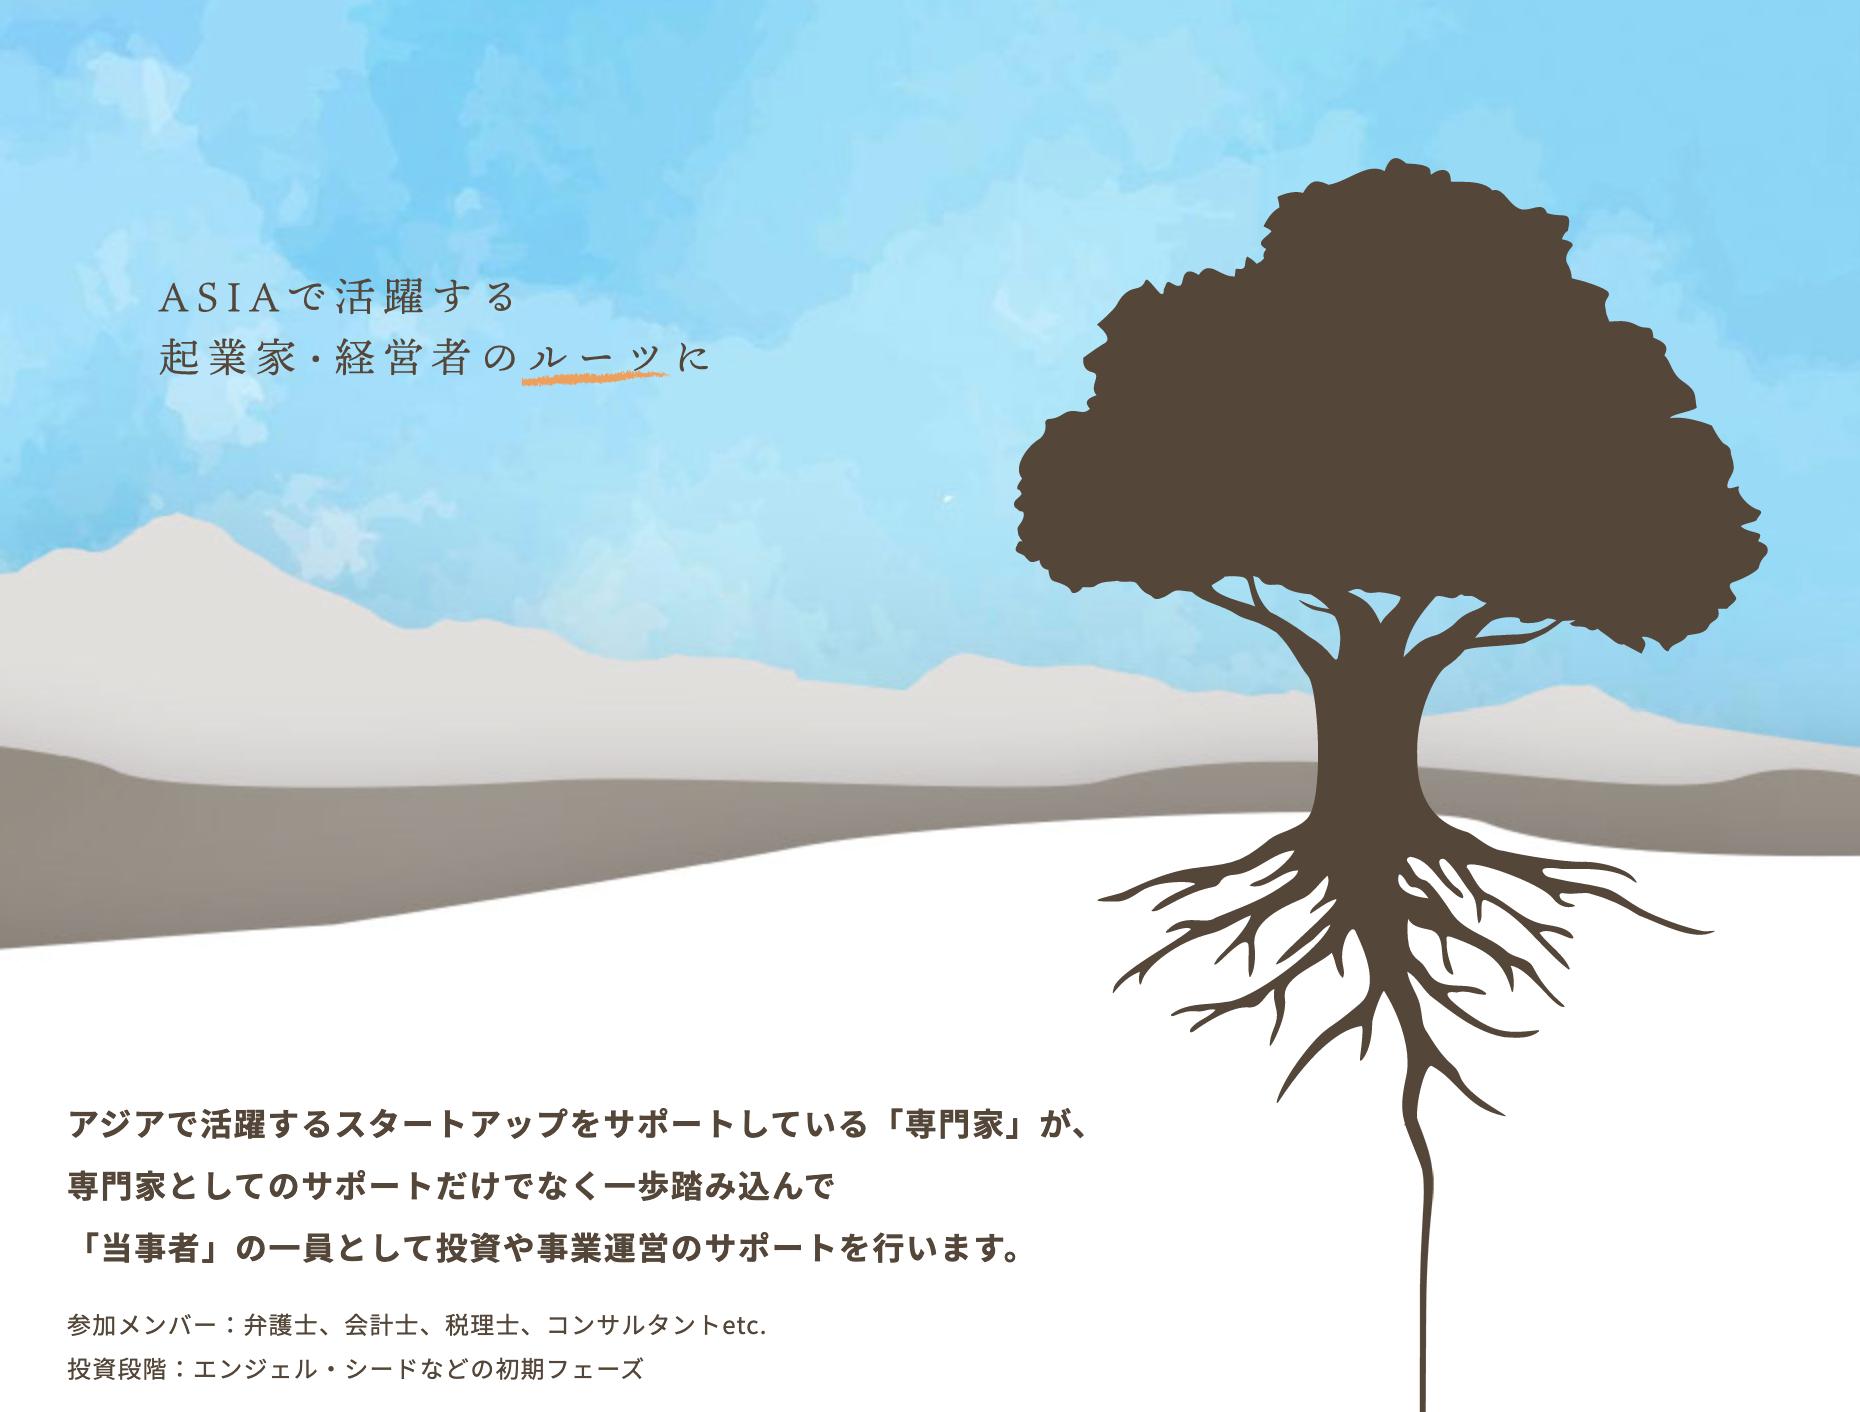 アジアの日本人起業家・スタートアップを支援する専門家ネットワーク「Luatsu(ルーツ)」をリリースしました